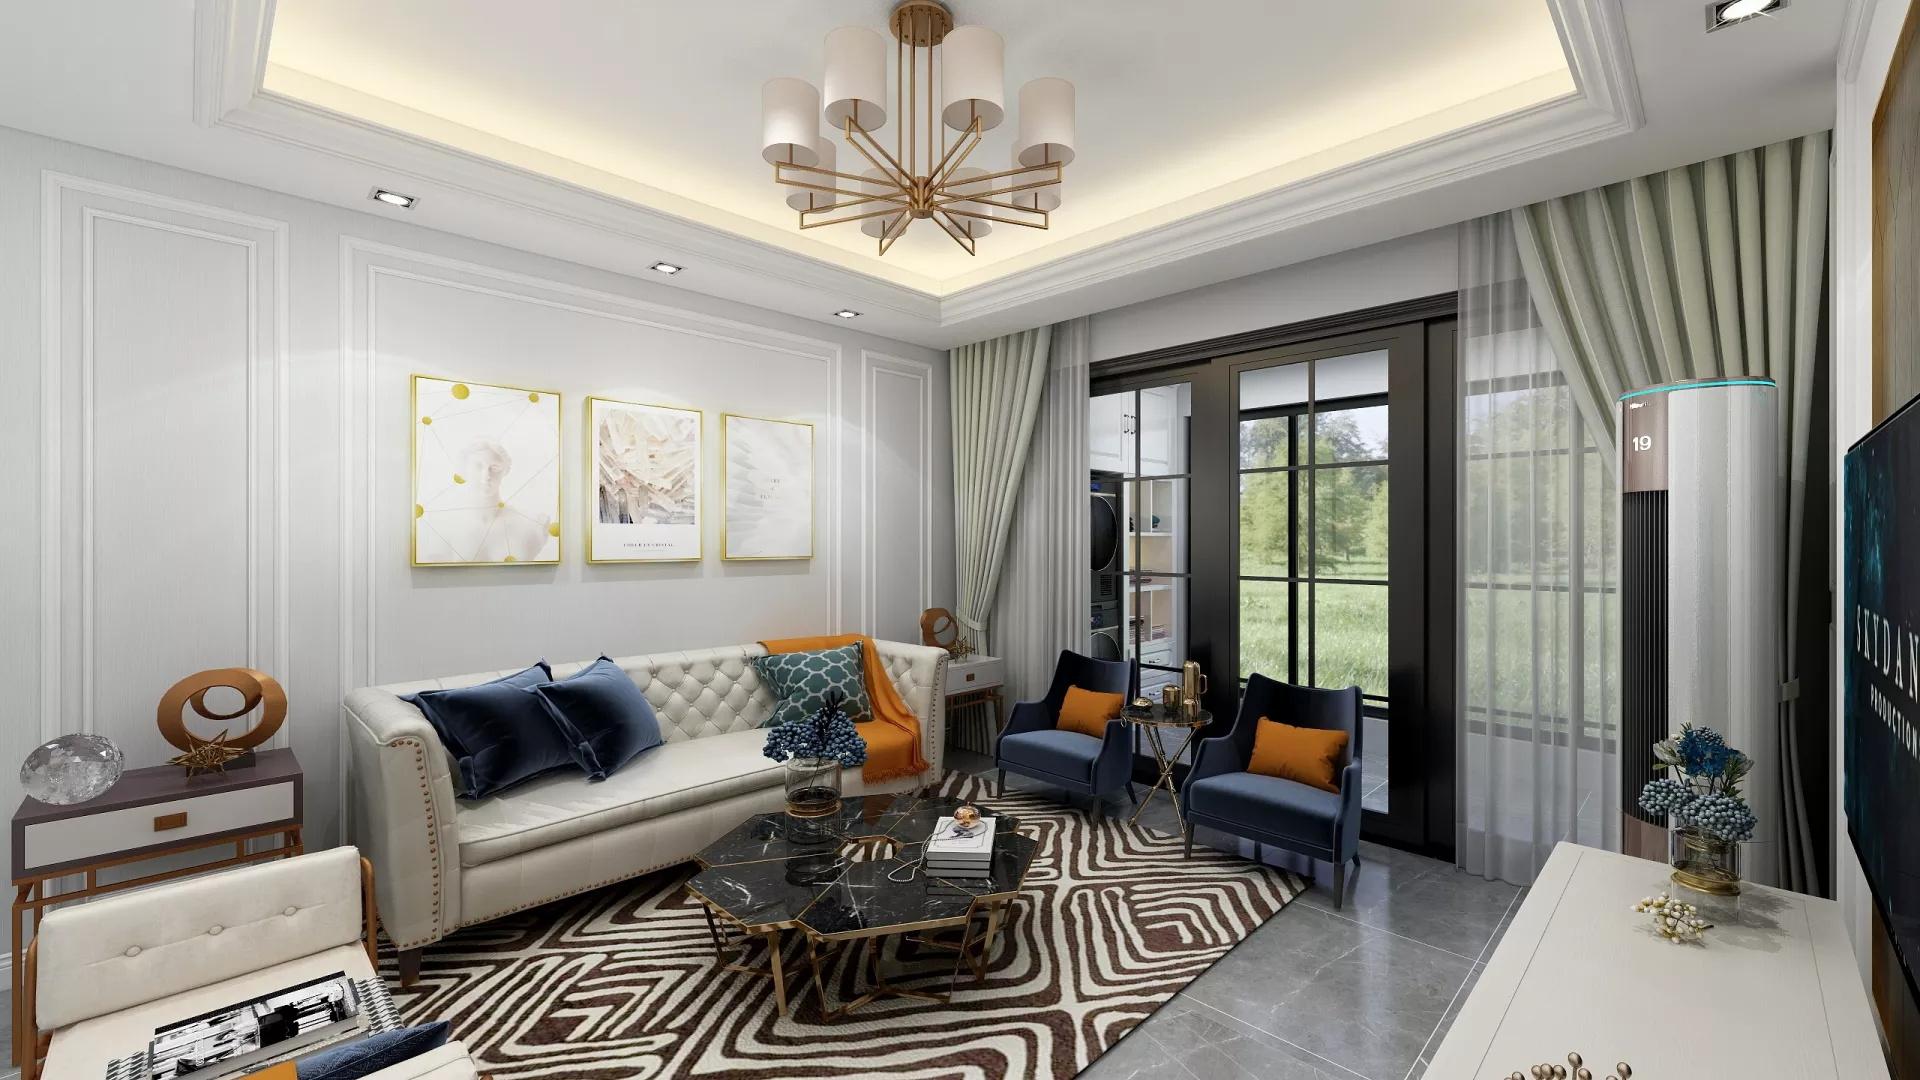 三居室现代简约风格家居装修效果图